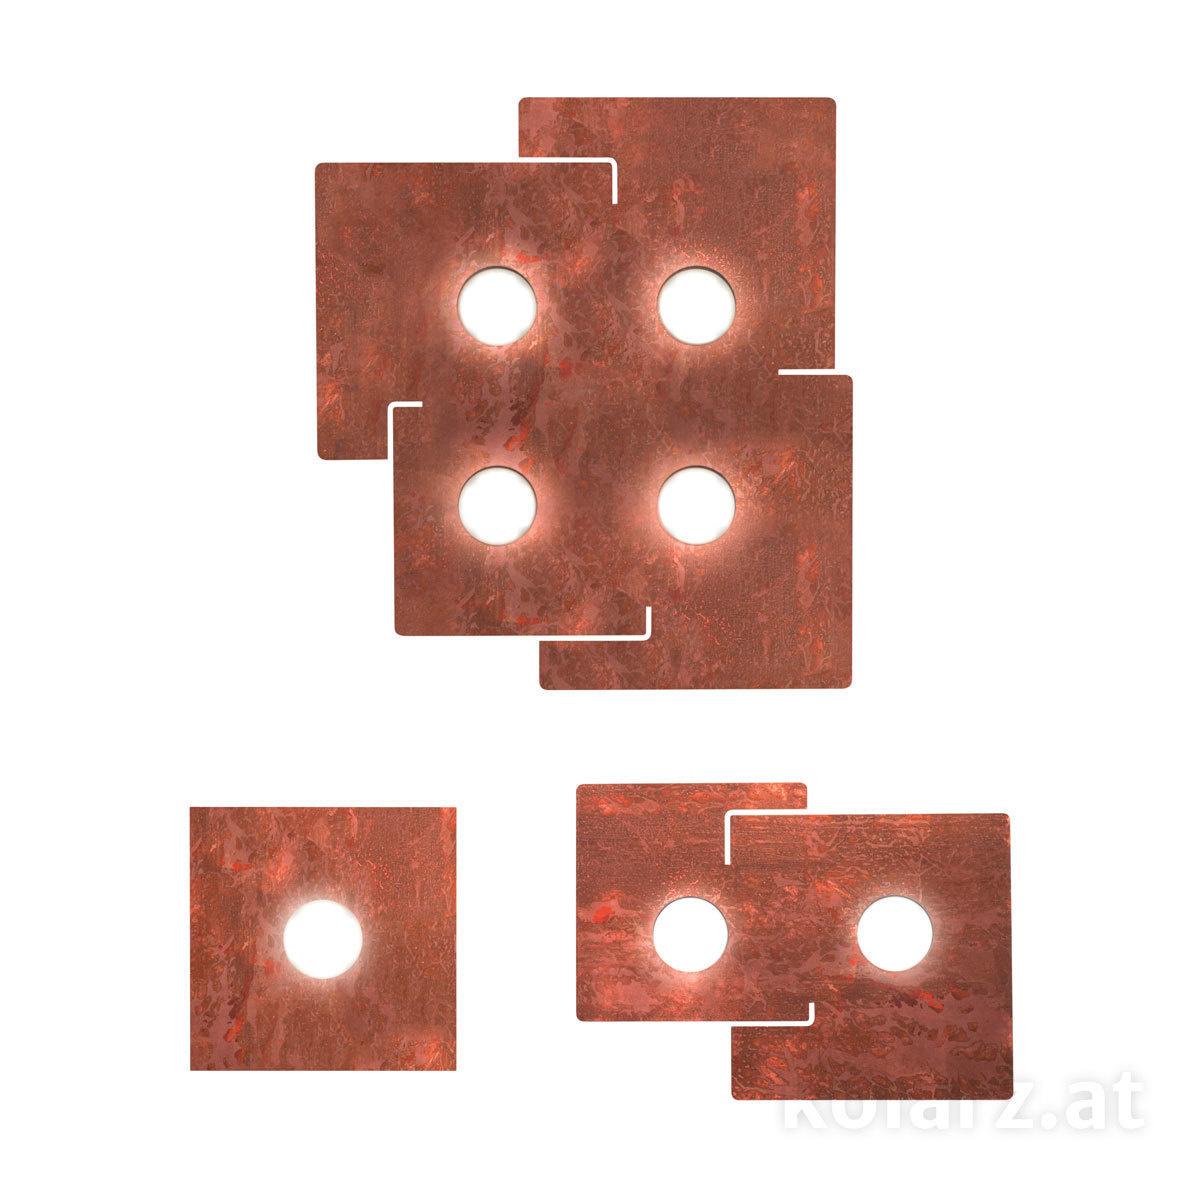 A1337-14-1-VinCu-f2.jpg